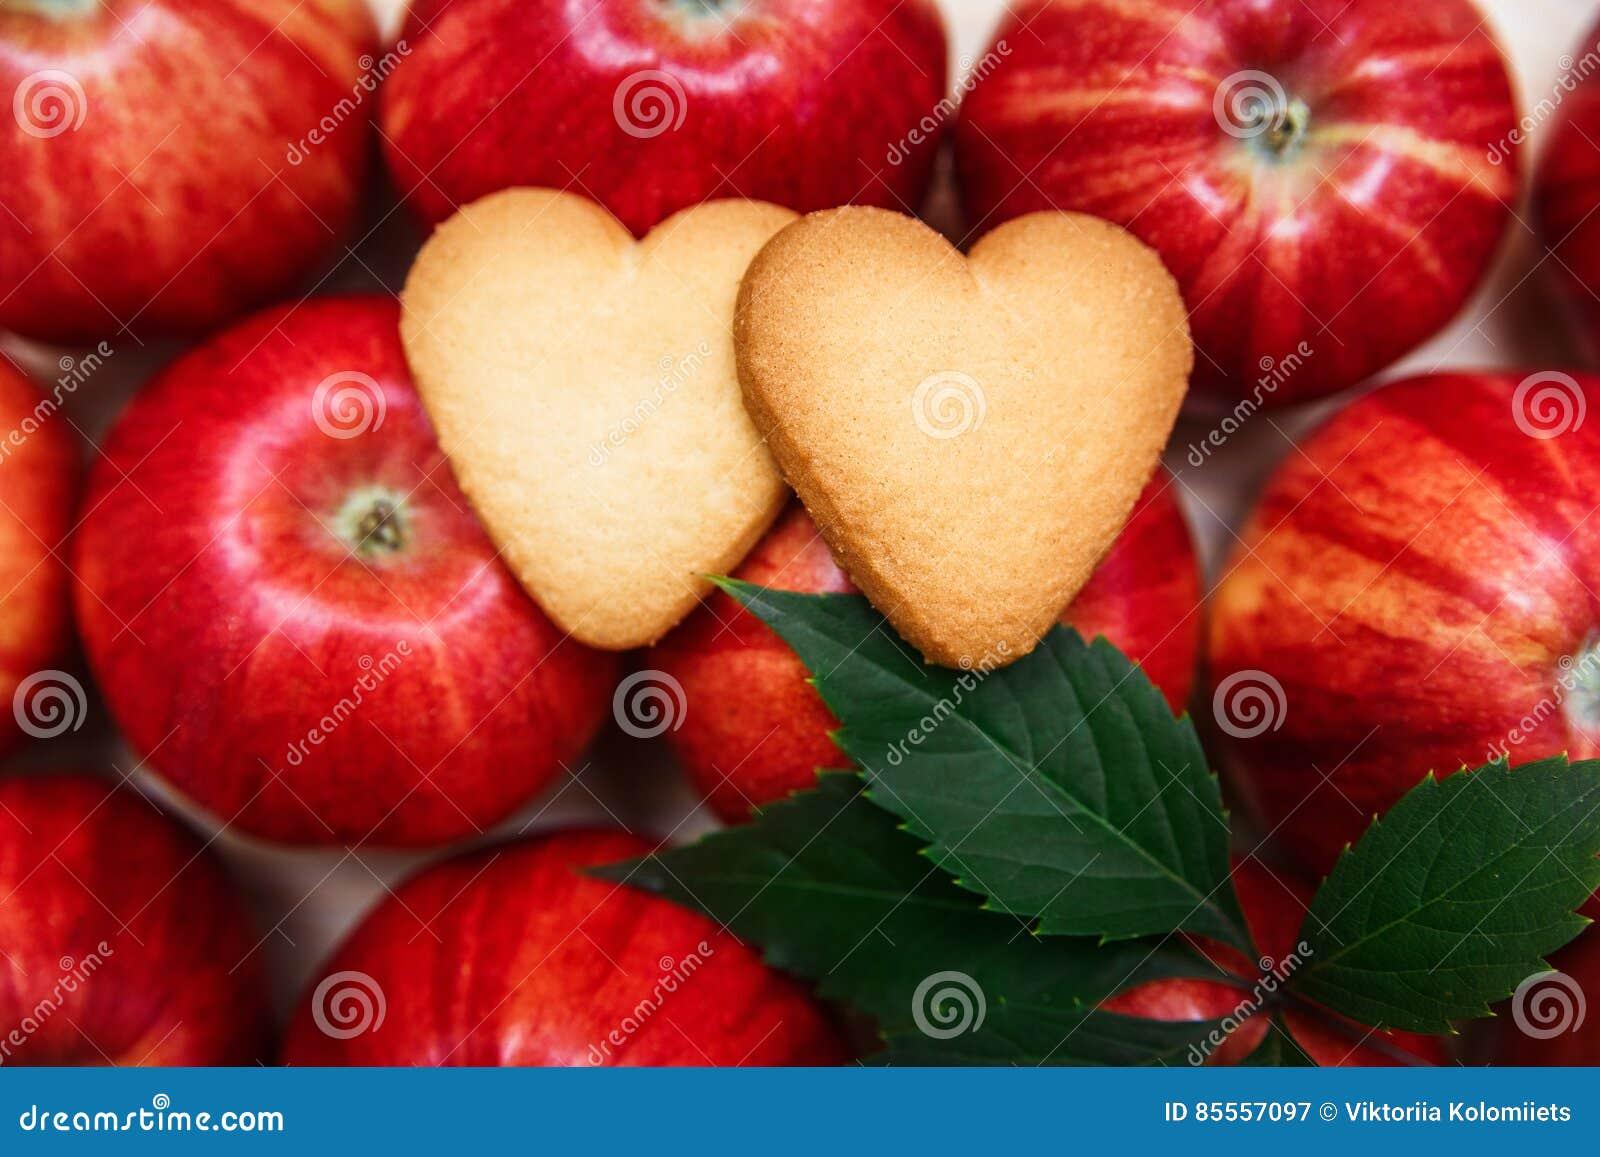 Zwei geformte Plätzchen des Herzens auf den roten Äpfeln